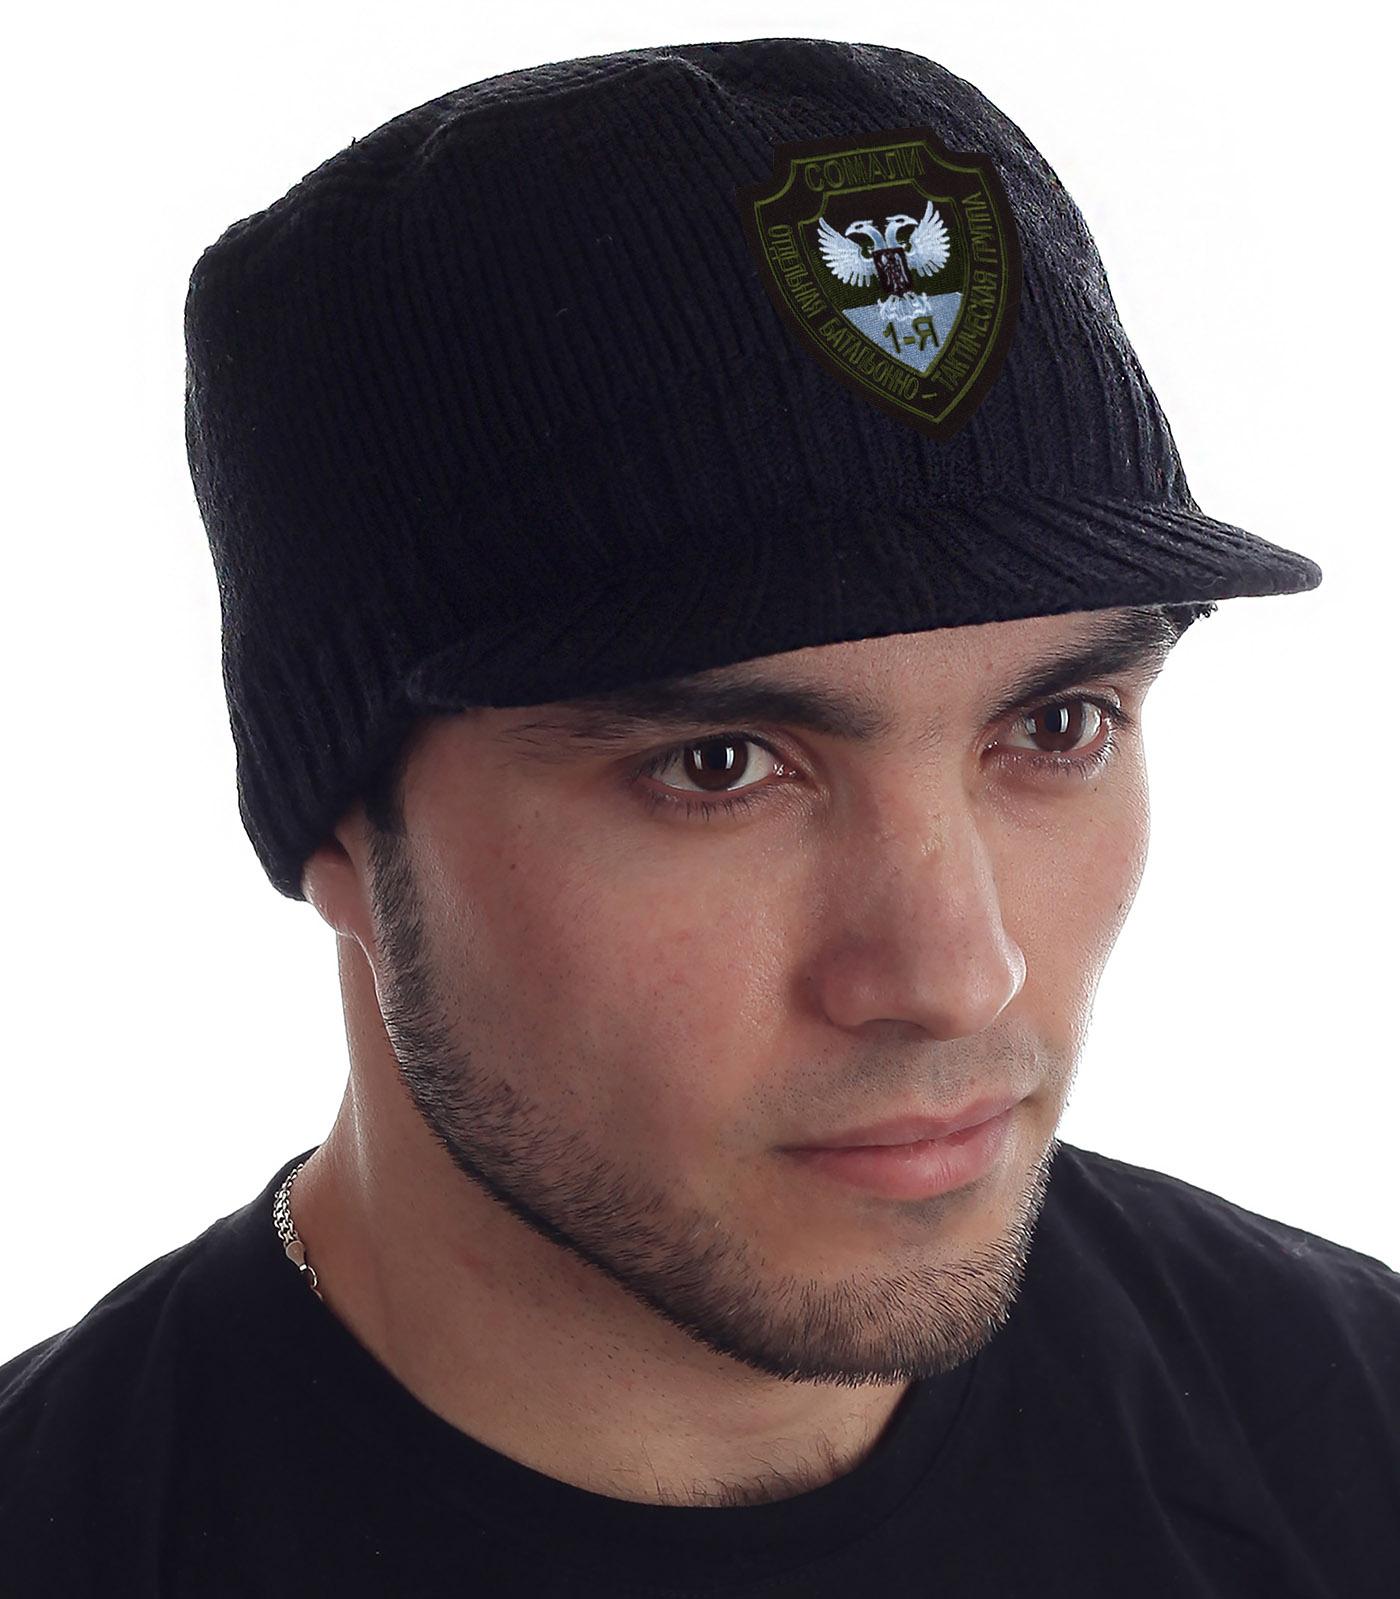 Купить стильную кепку-шапку Miller Way с нашивкой Группа Сомали с доставкой в ваш город